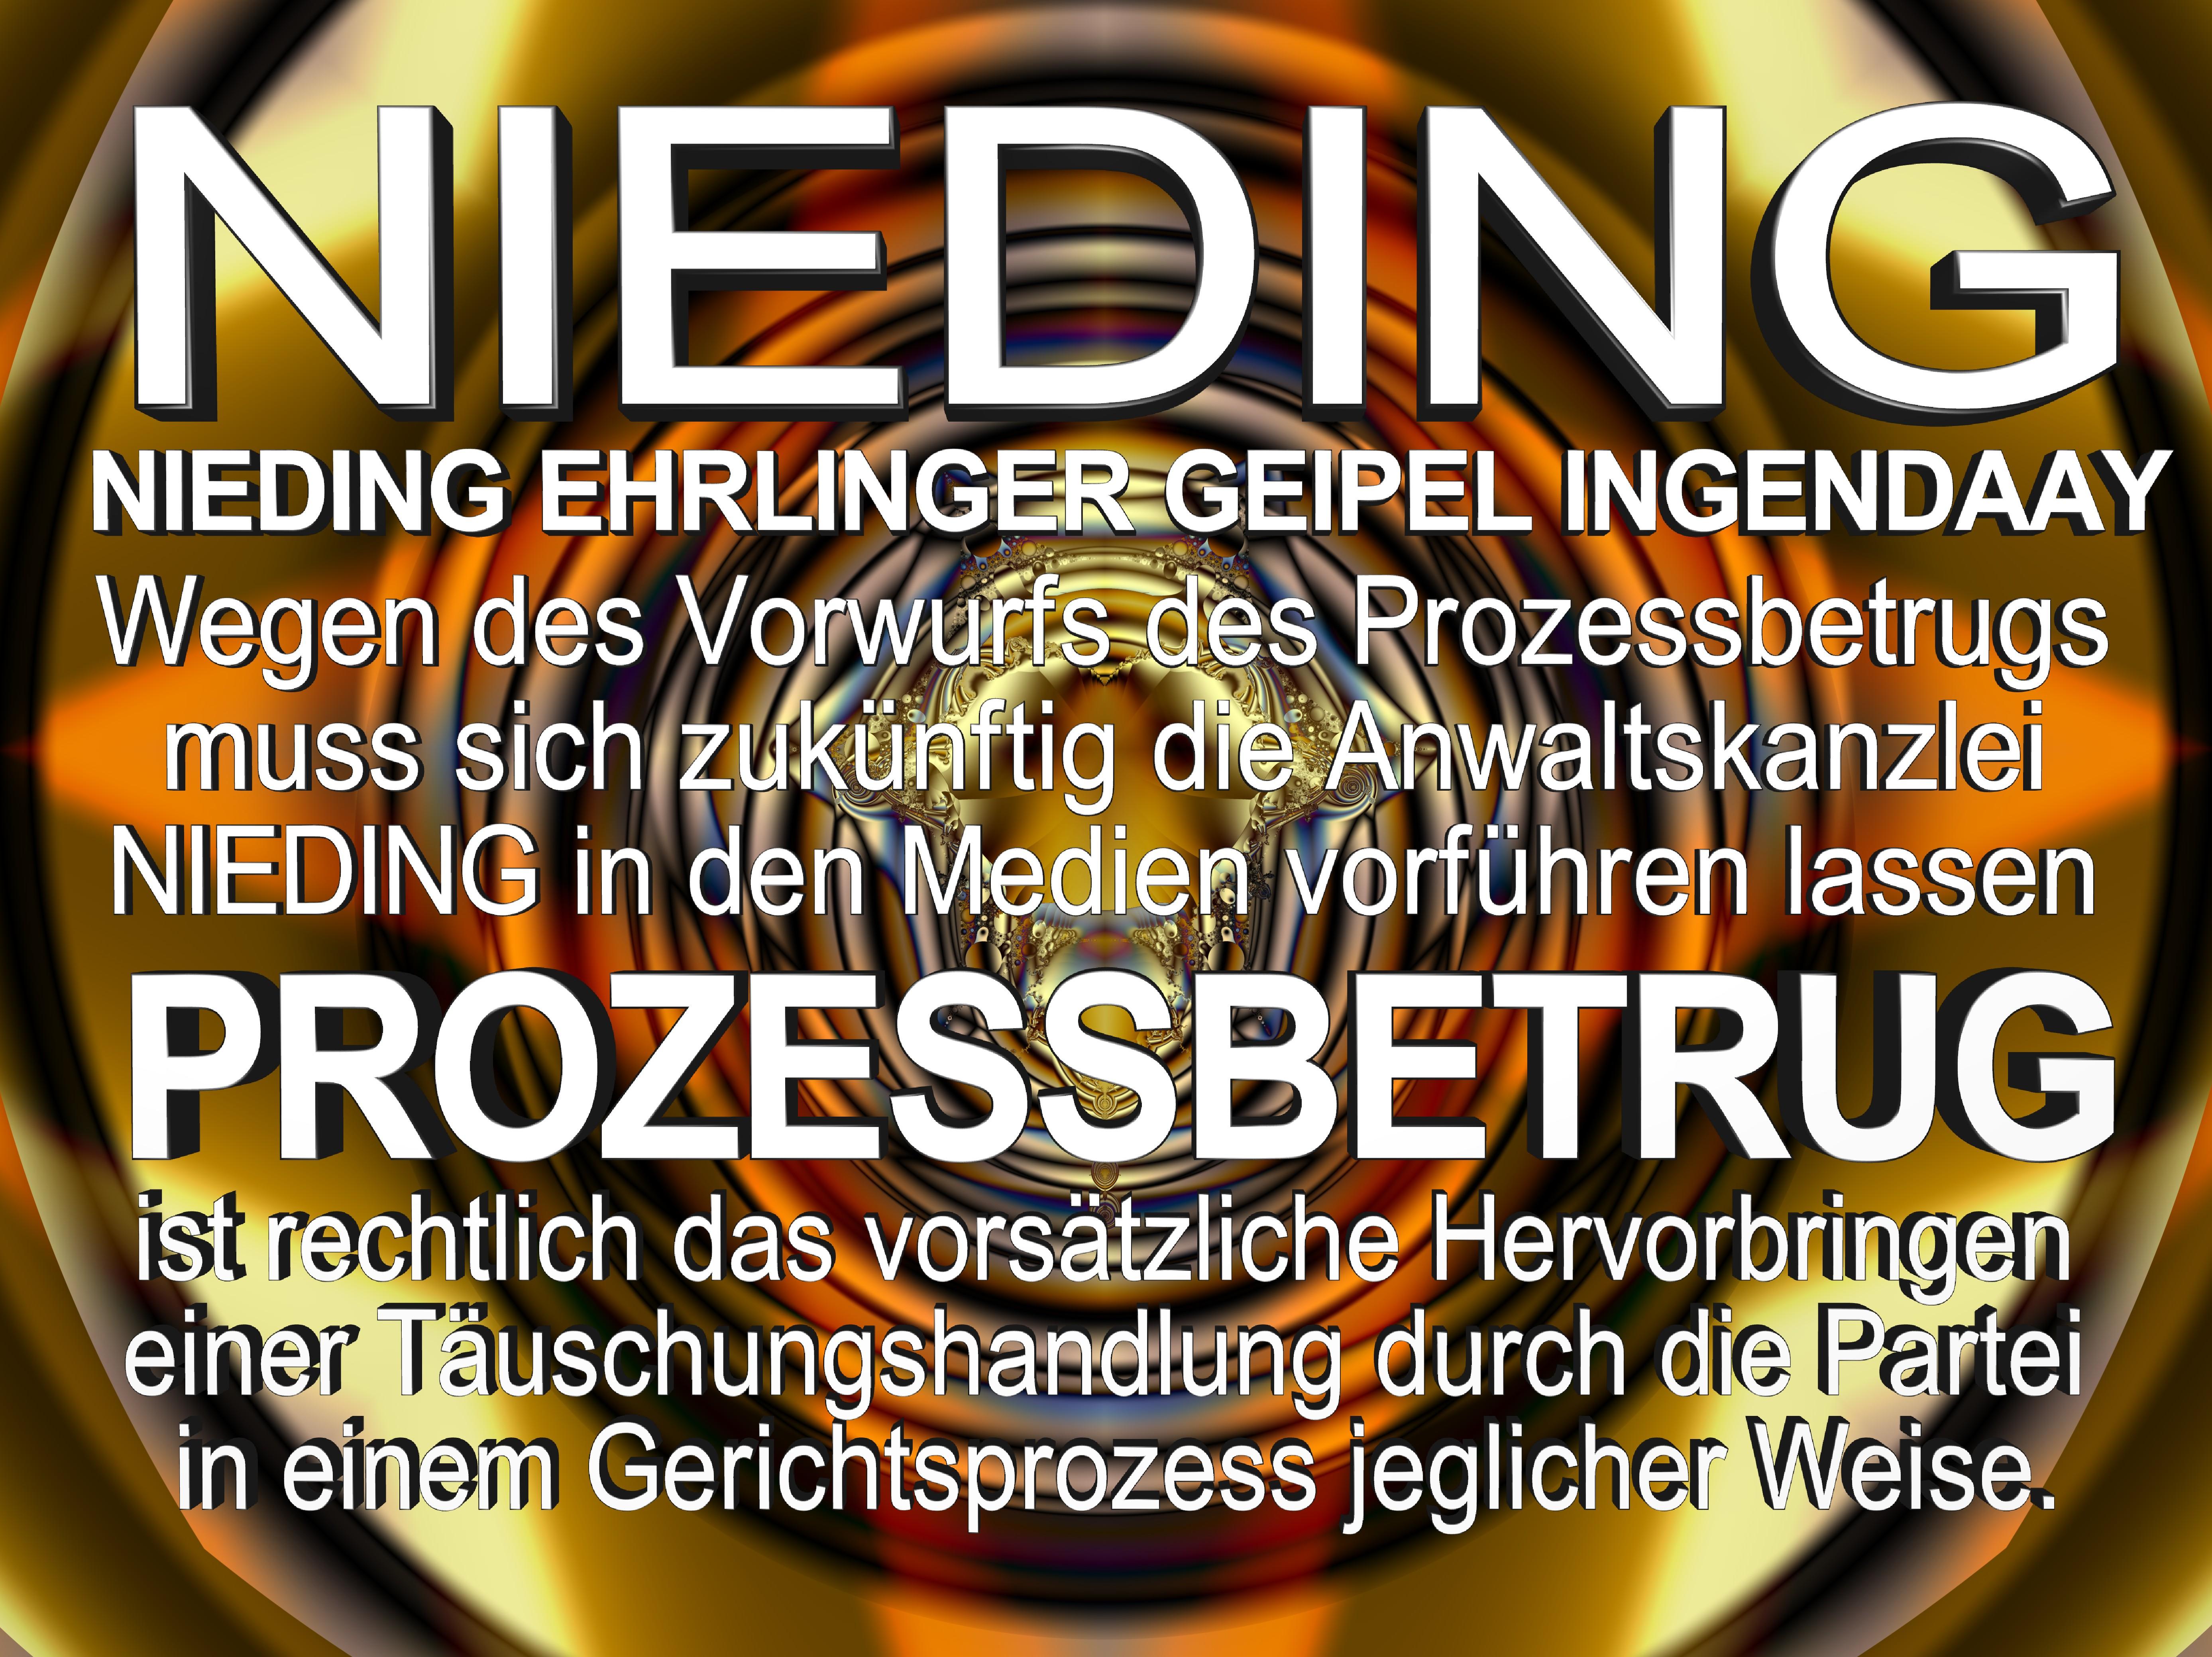 NIEDING EHRLINGER GEIPEL INGENDAAY LELKE Kurfürstendamm 66 Berlin (183)